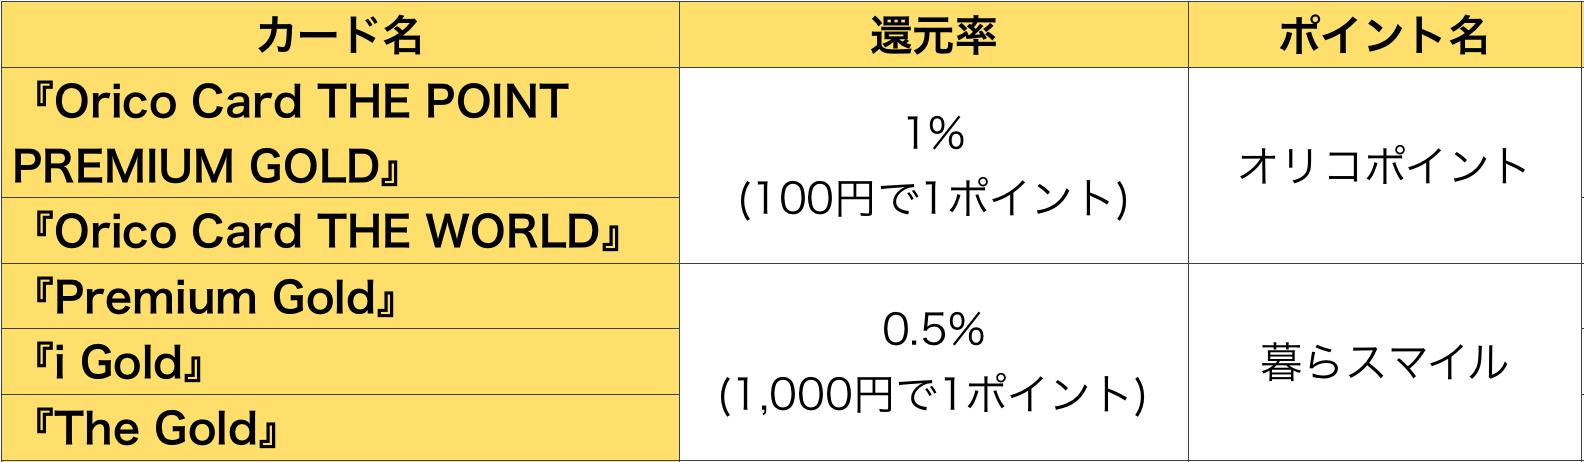 オリコゴールドカードのポイント還元率とポイントの種類